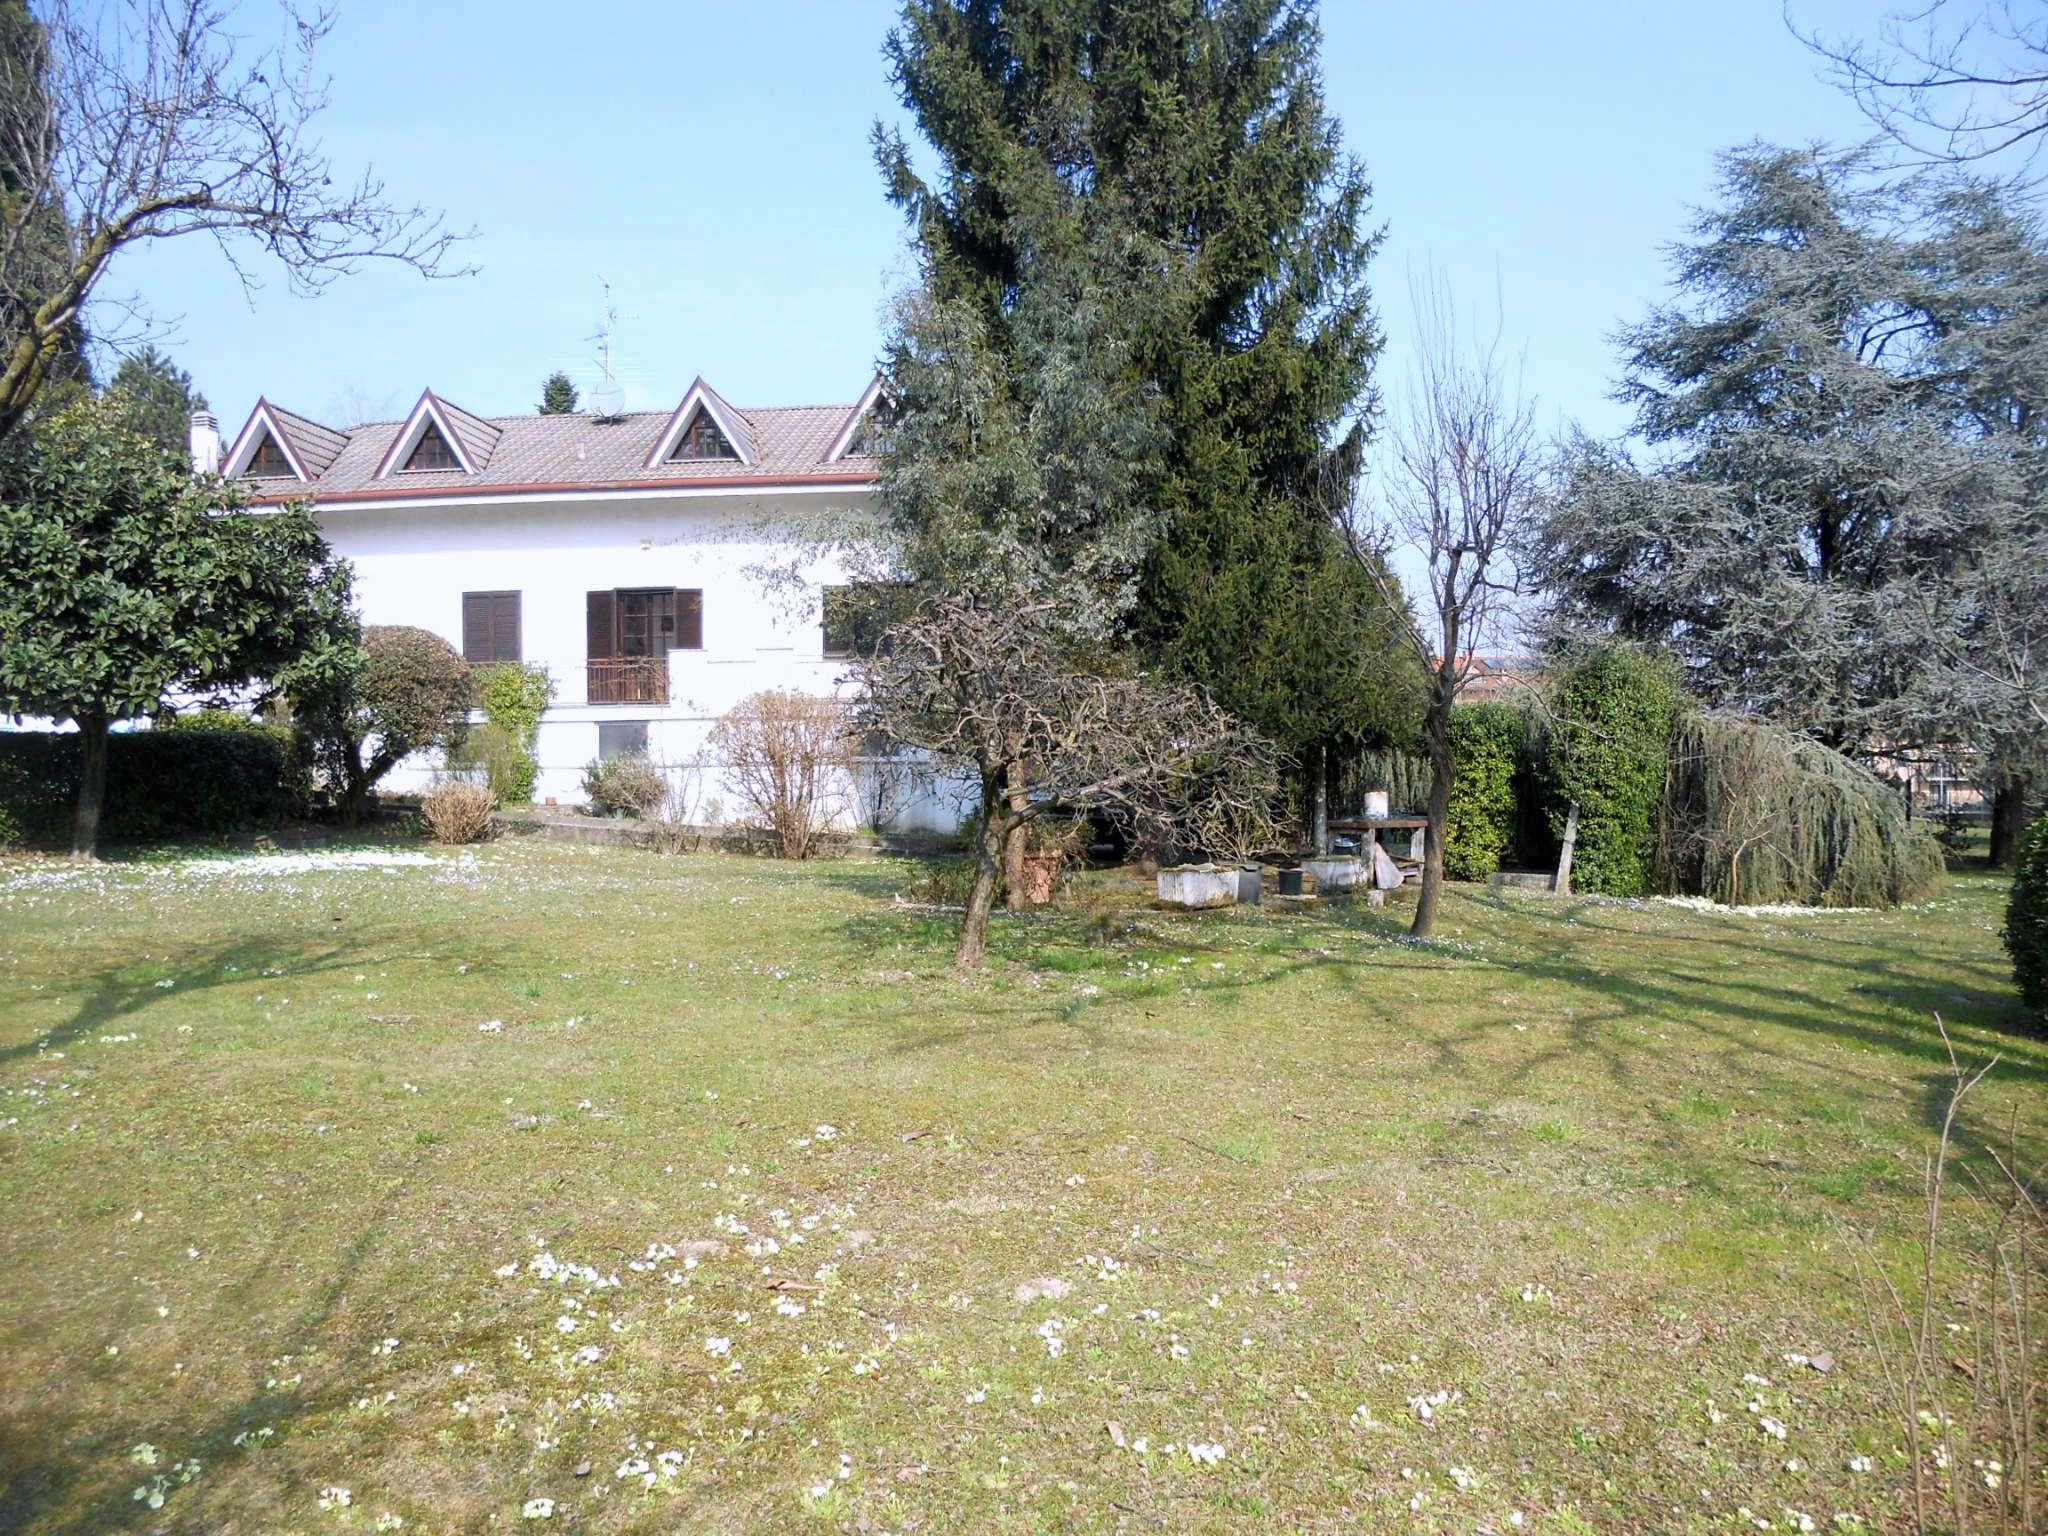 Villa in vendita a Lurago d'Erba, 6 locali, prezzo € 650.000 | Cambio Casa.it